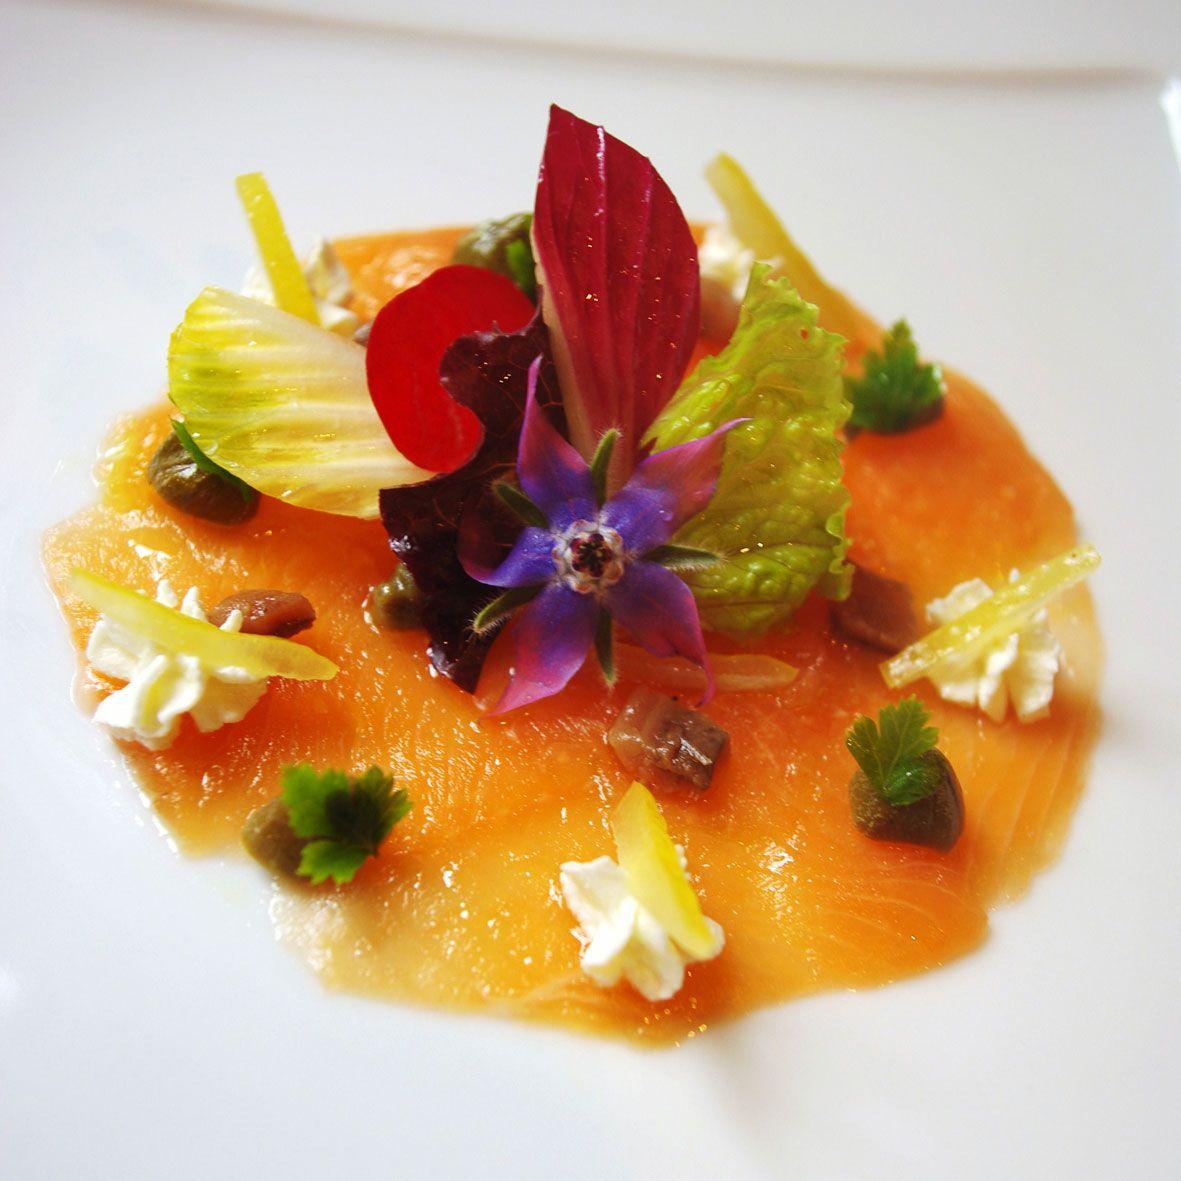 Dauphine Gourmand Cuisine Gastronomique Entrees Pinterest